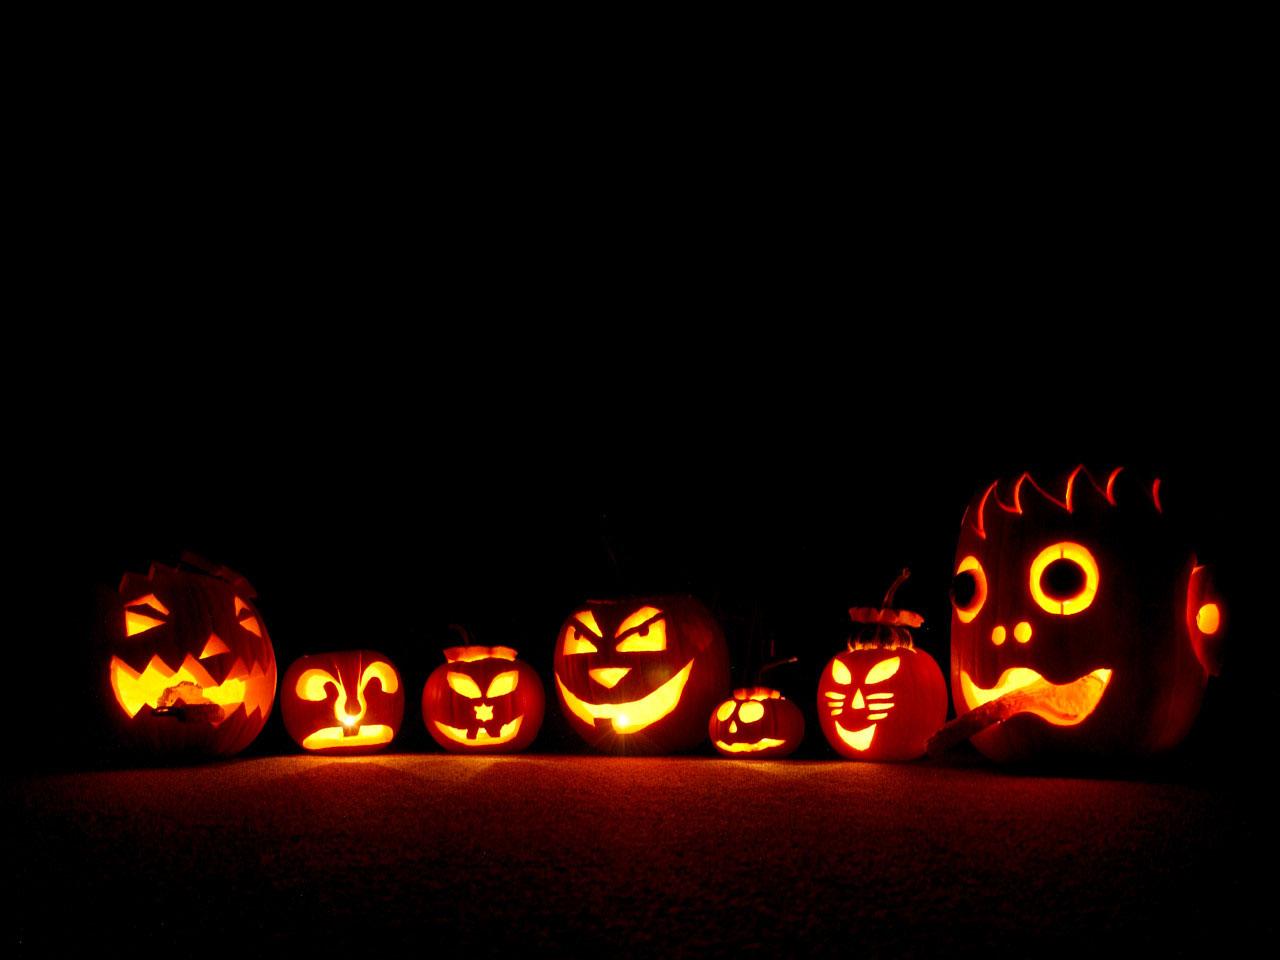 http://2.bp.blogspot.com/-dtOWXaBLFjU/TqODQBgzDFI/AAAAAAAACfs/nhi17cTYzbQ/s1600/Happy+Halloween+%252813%2529.jpg